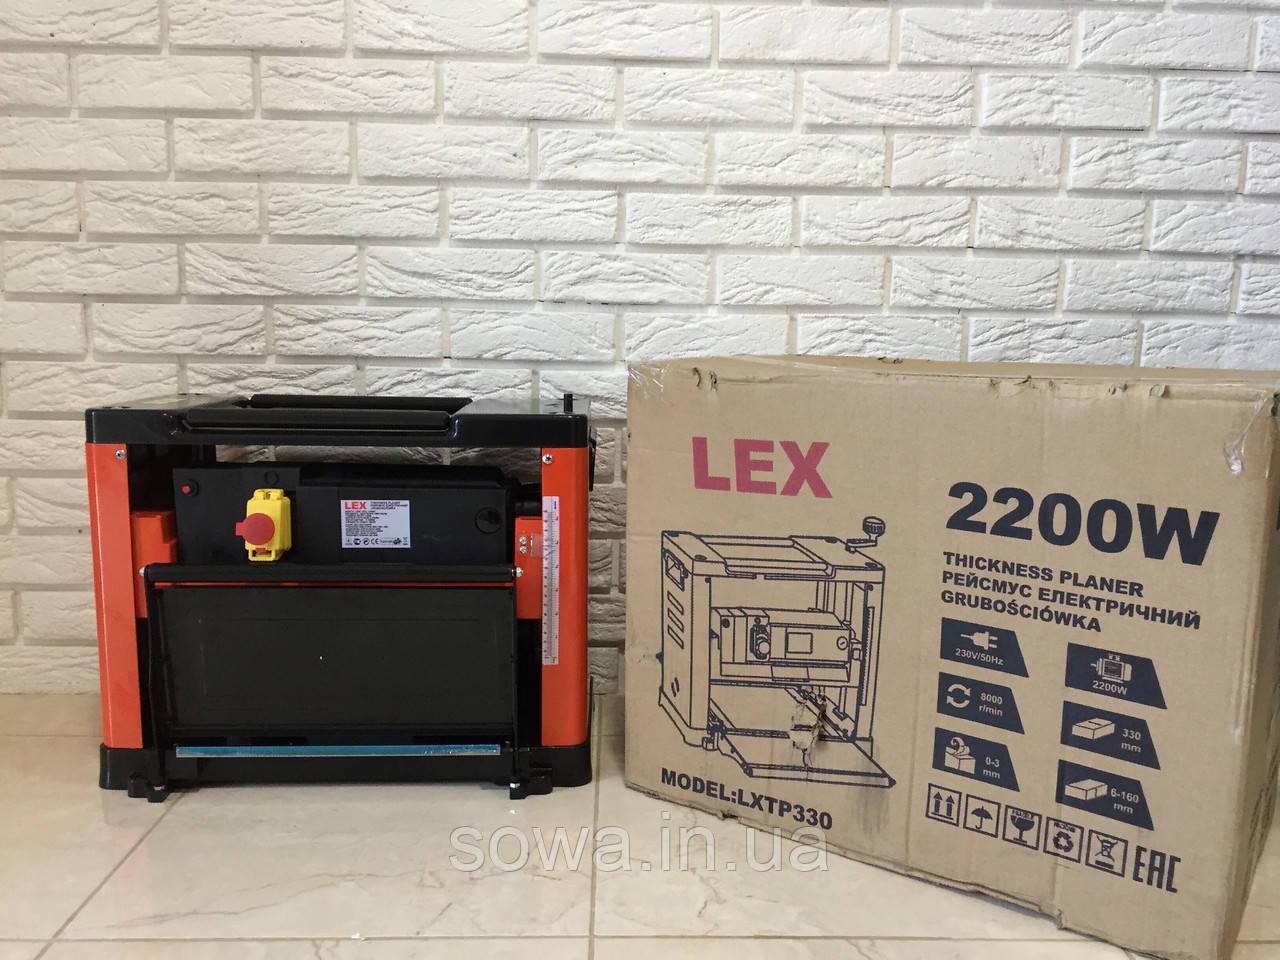 ✔️ Рейсмусовый станок по дереву Lex LXTP330  /  2200Вт